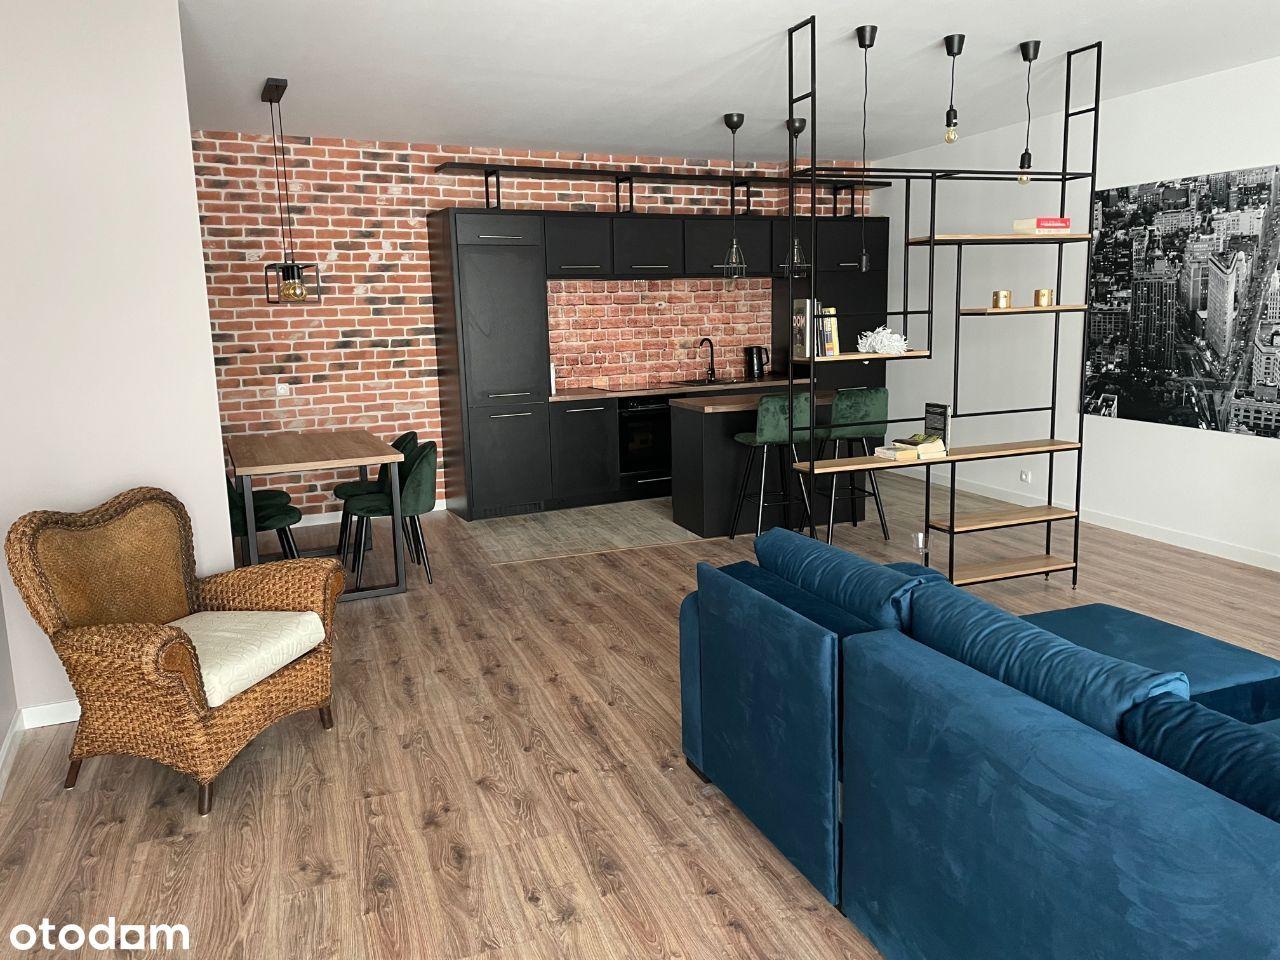 apartament w stylu loftowym